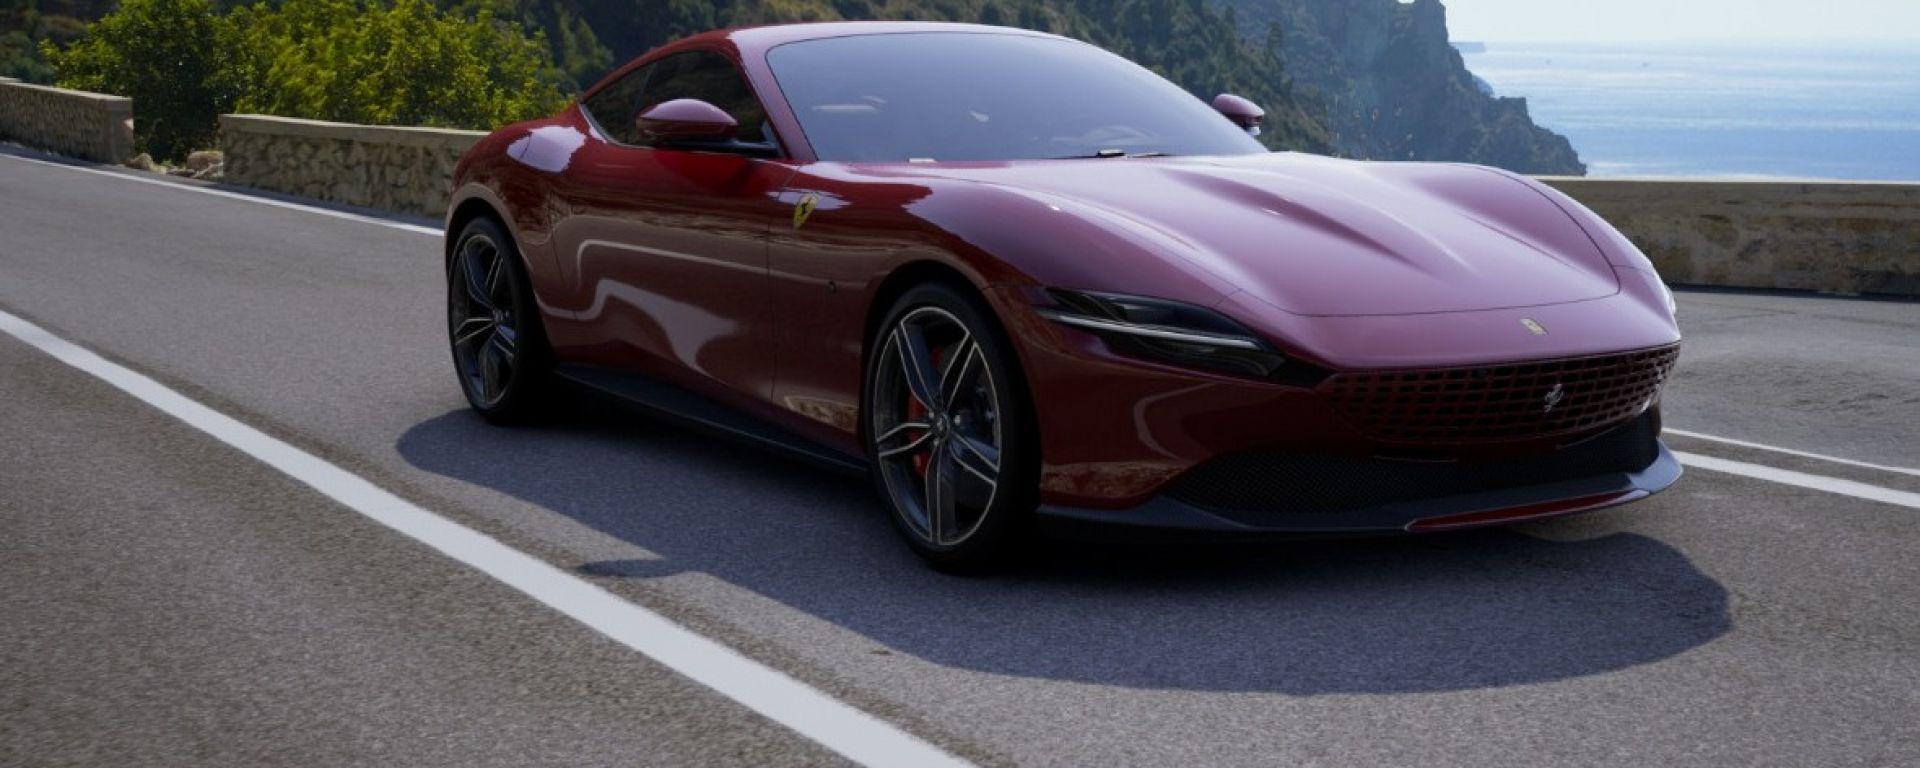 Ferrari Roma, il configuratore: il risultato finale. 3/4 anteriore